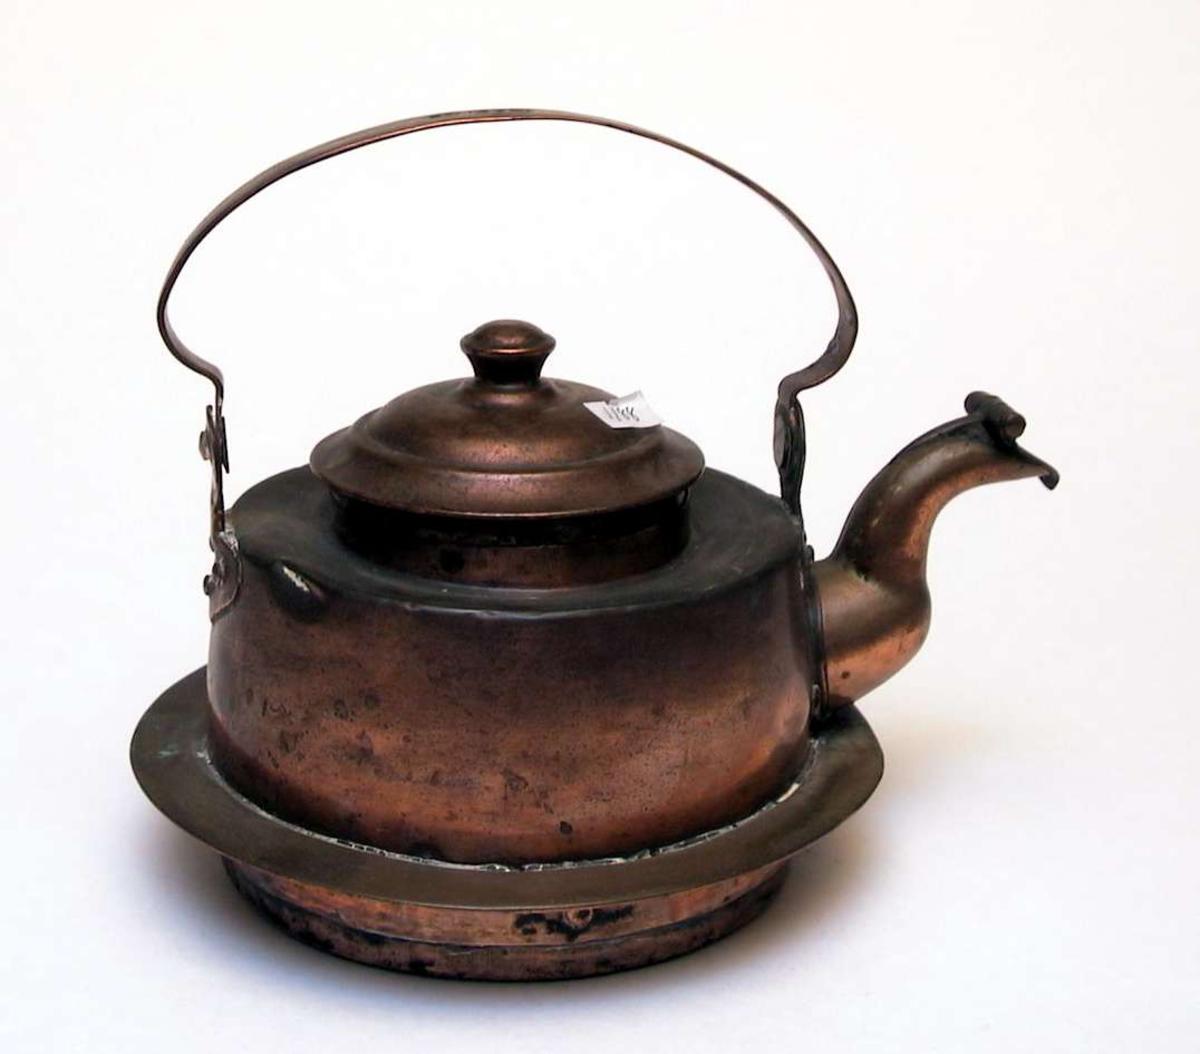 Kaffekjele i kobber laget for å brukes til vedovn med ringer. Det er sprekk i kobberet. Lokket sitter ikke ordentlig på.